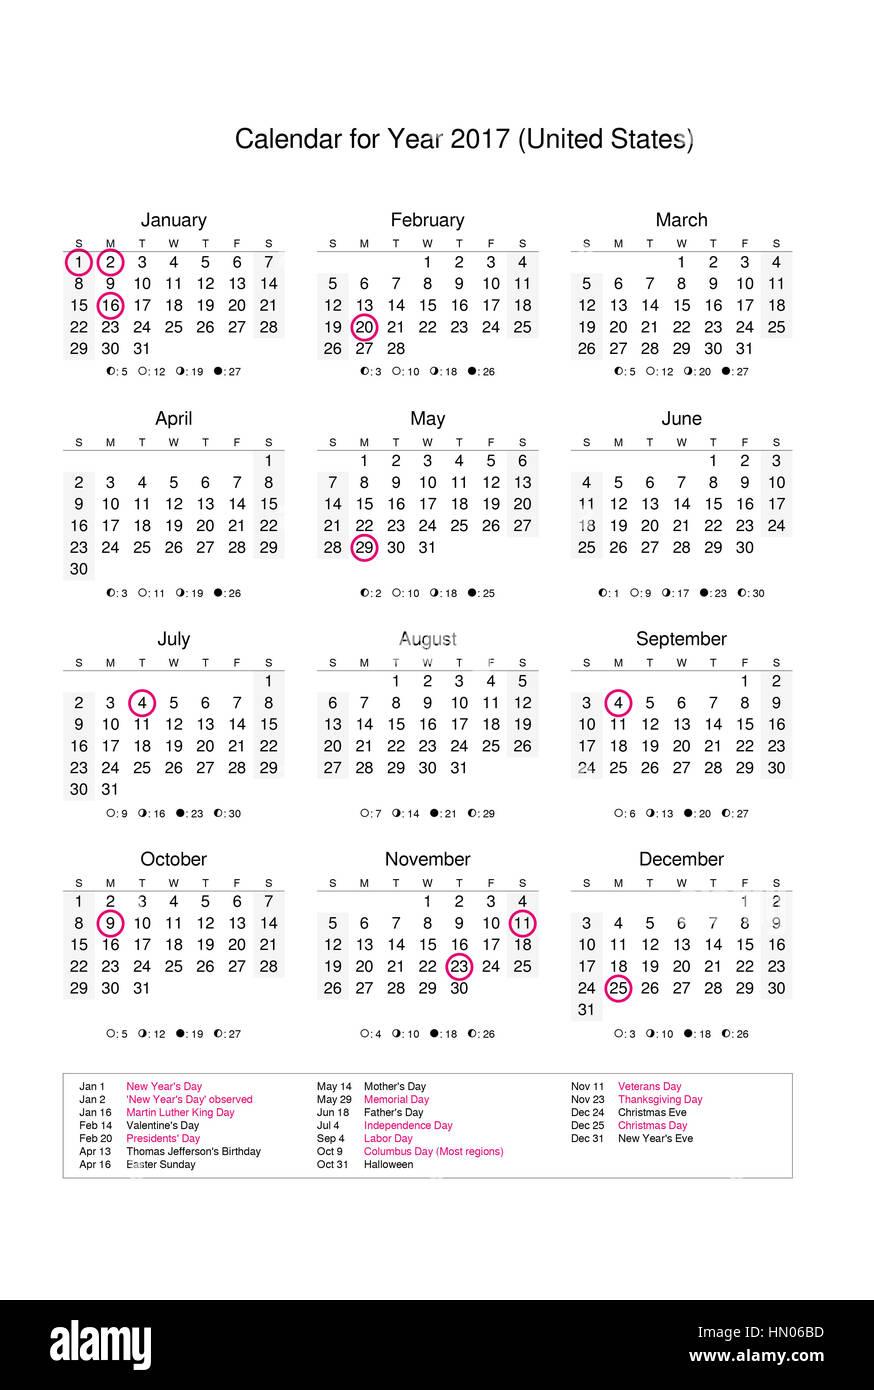 Calendario Del Ano 2017 Con Los Feriados Y Dias Festivos De Estados Unidos Fotografia De Stock Alamy